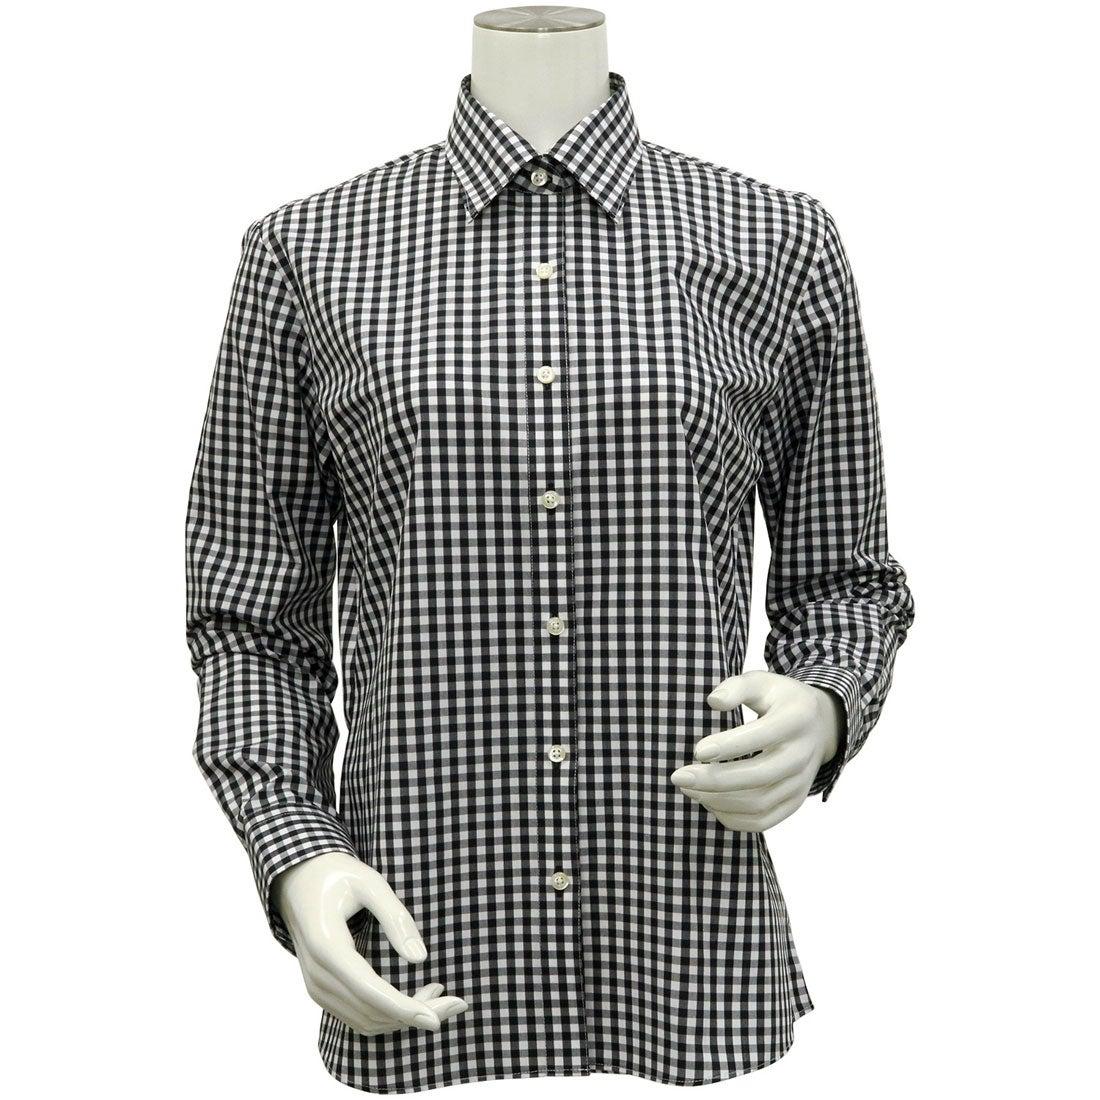 トーキョーシャツ TOKYO SHIRTS 形態安定ノーアイロン レギュラー衿 長袖ビジネスワイシャツ (ブラック)